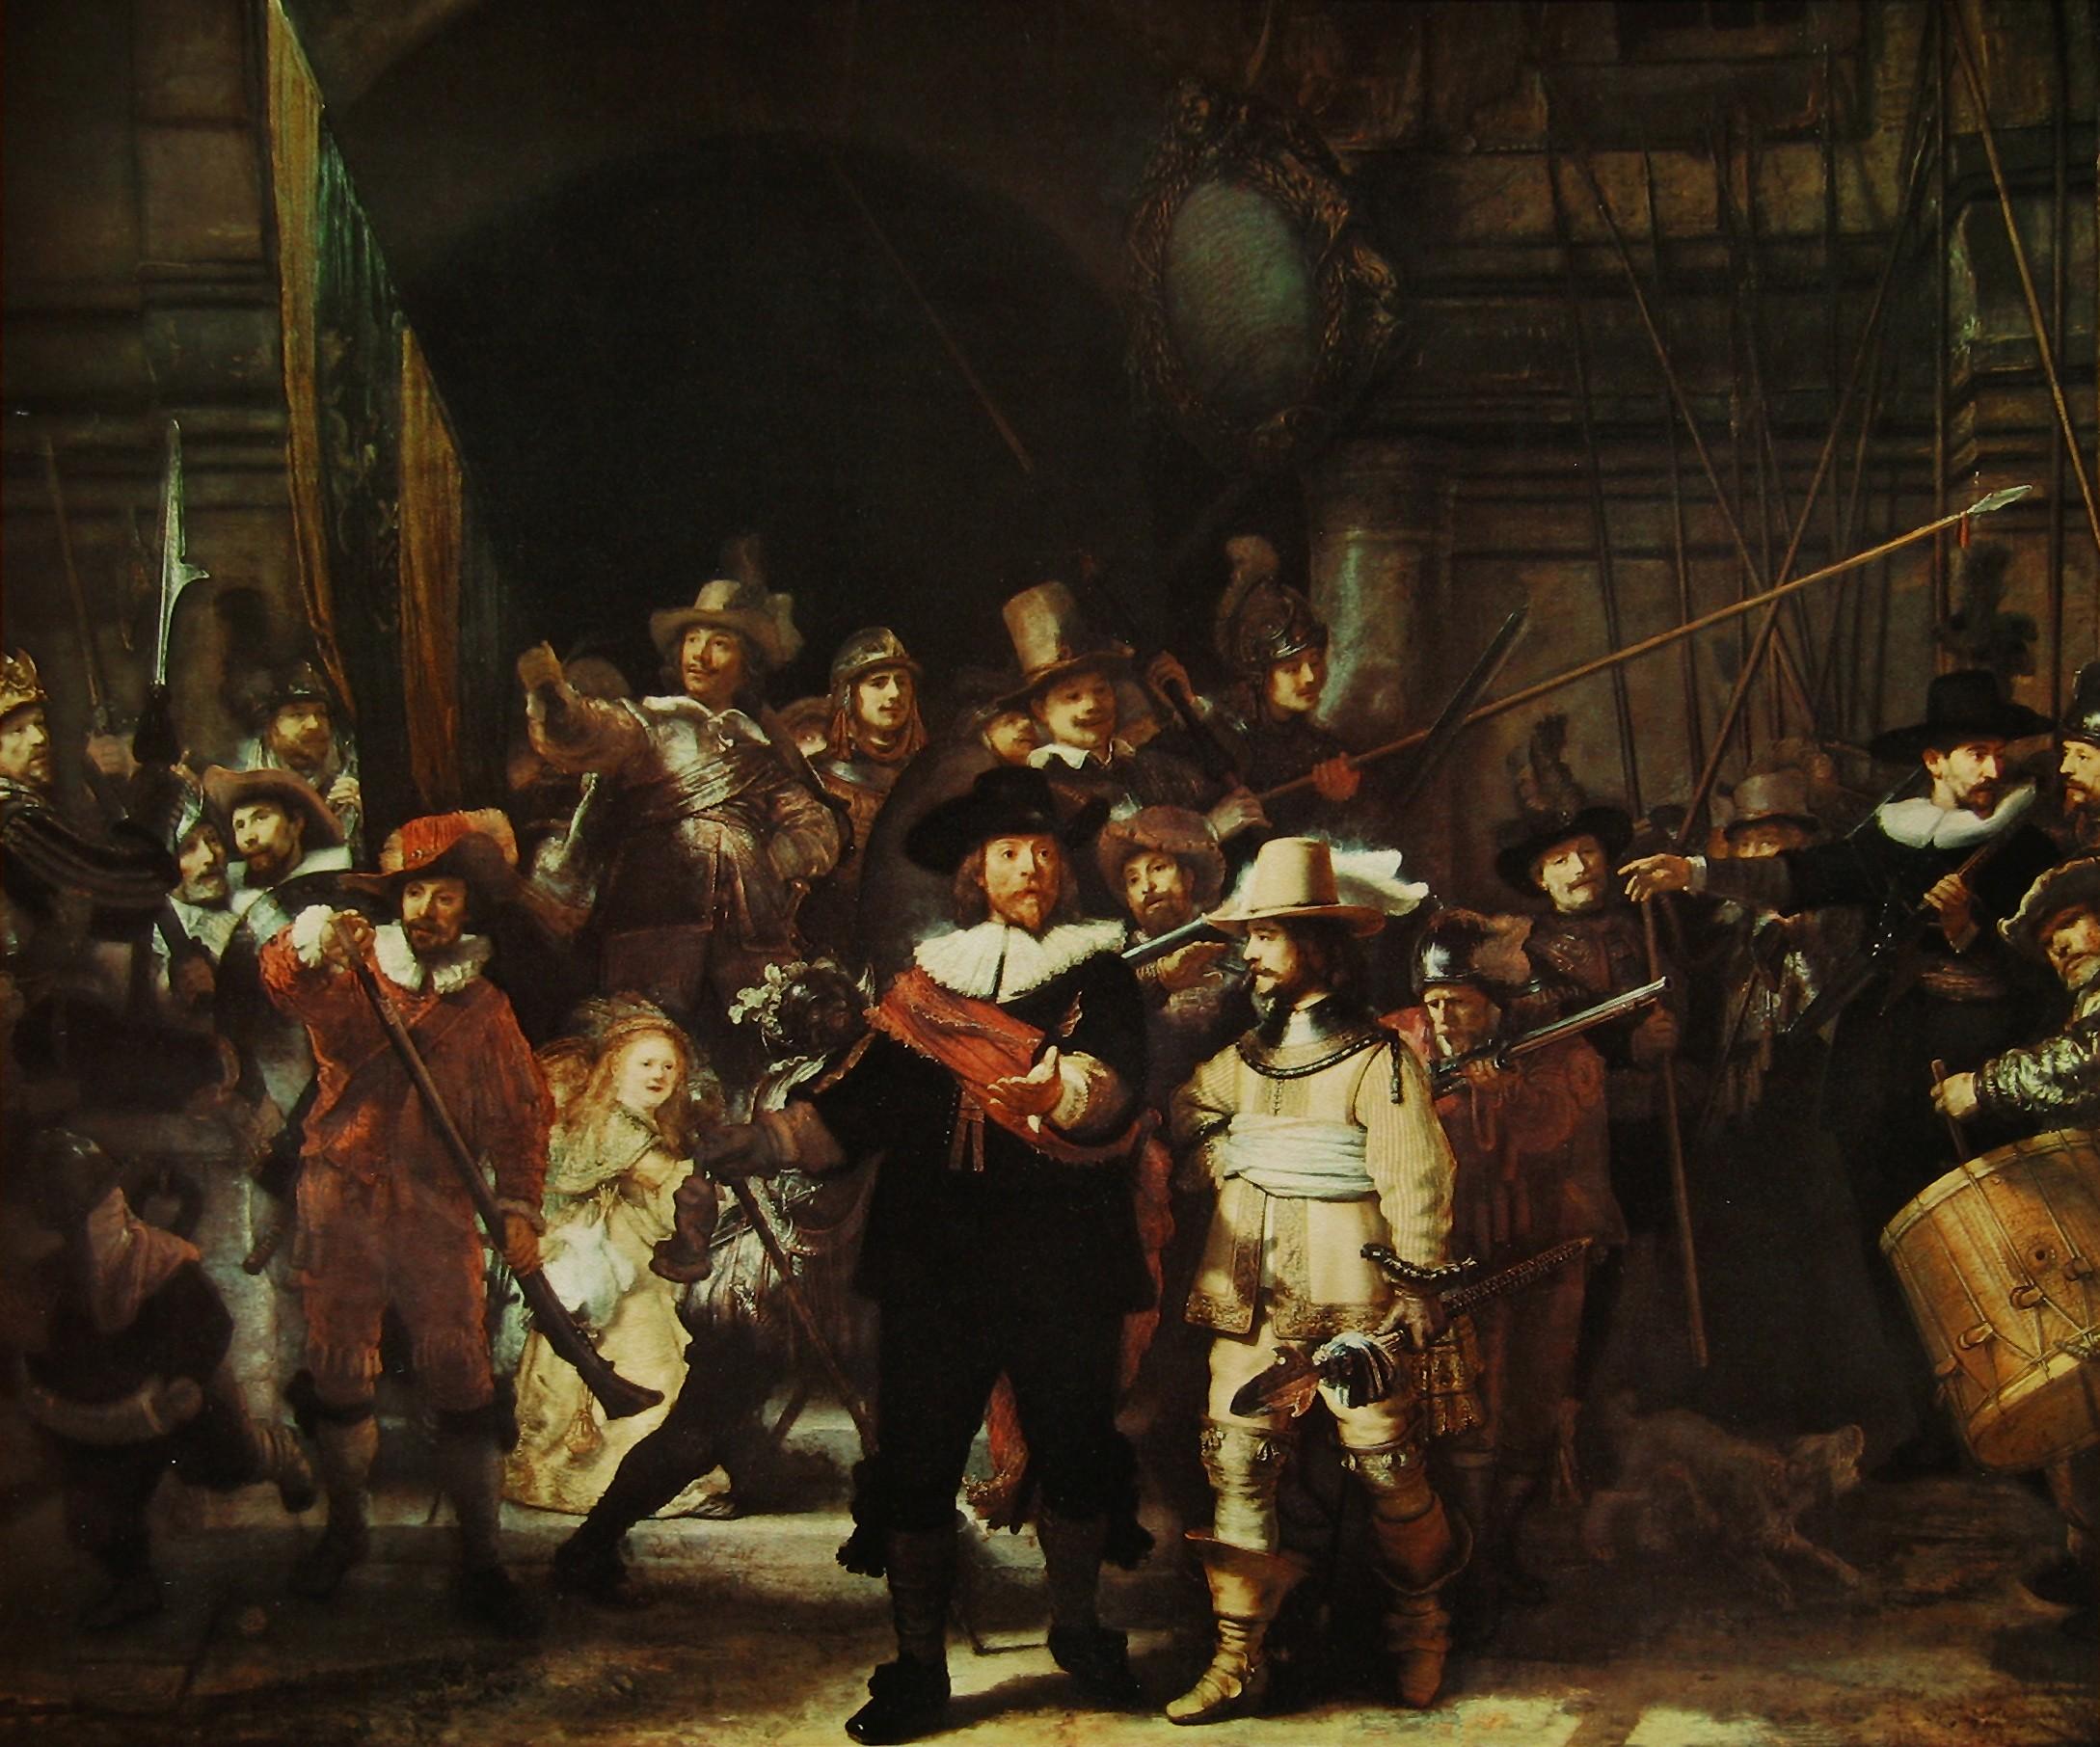 painting rembrandt van rijn artwork classic art